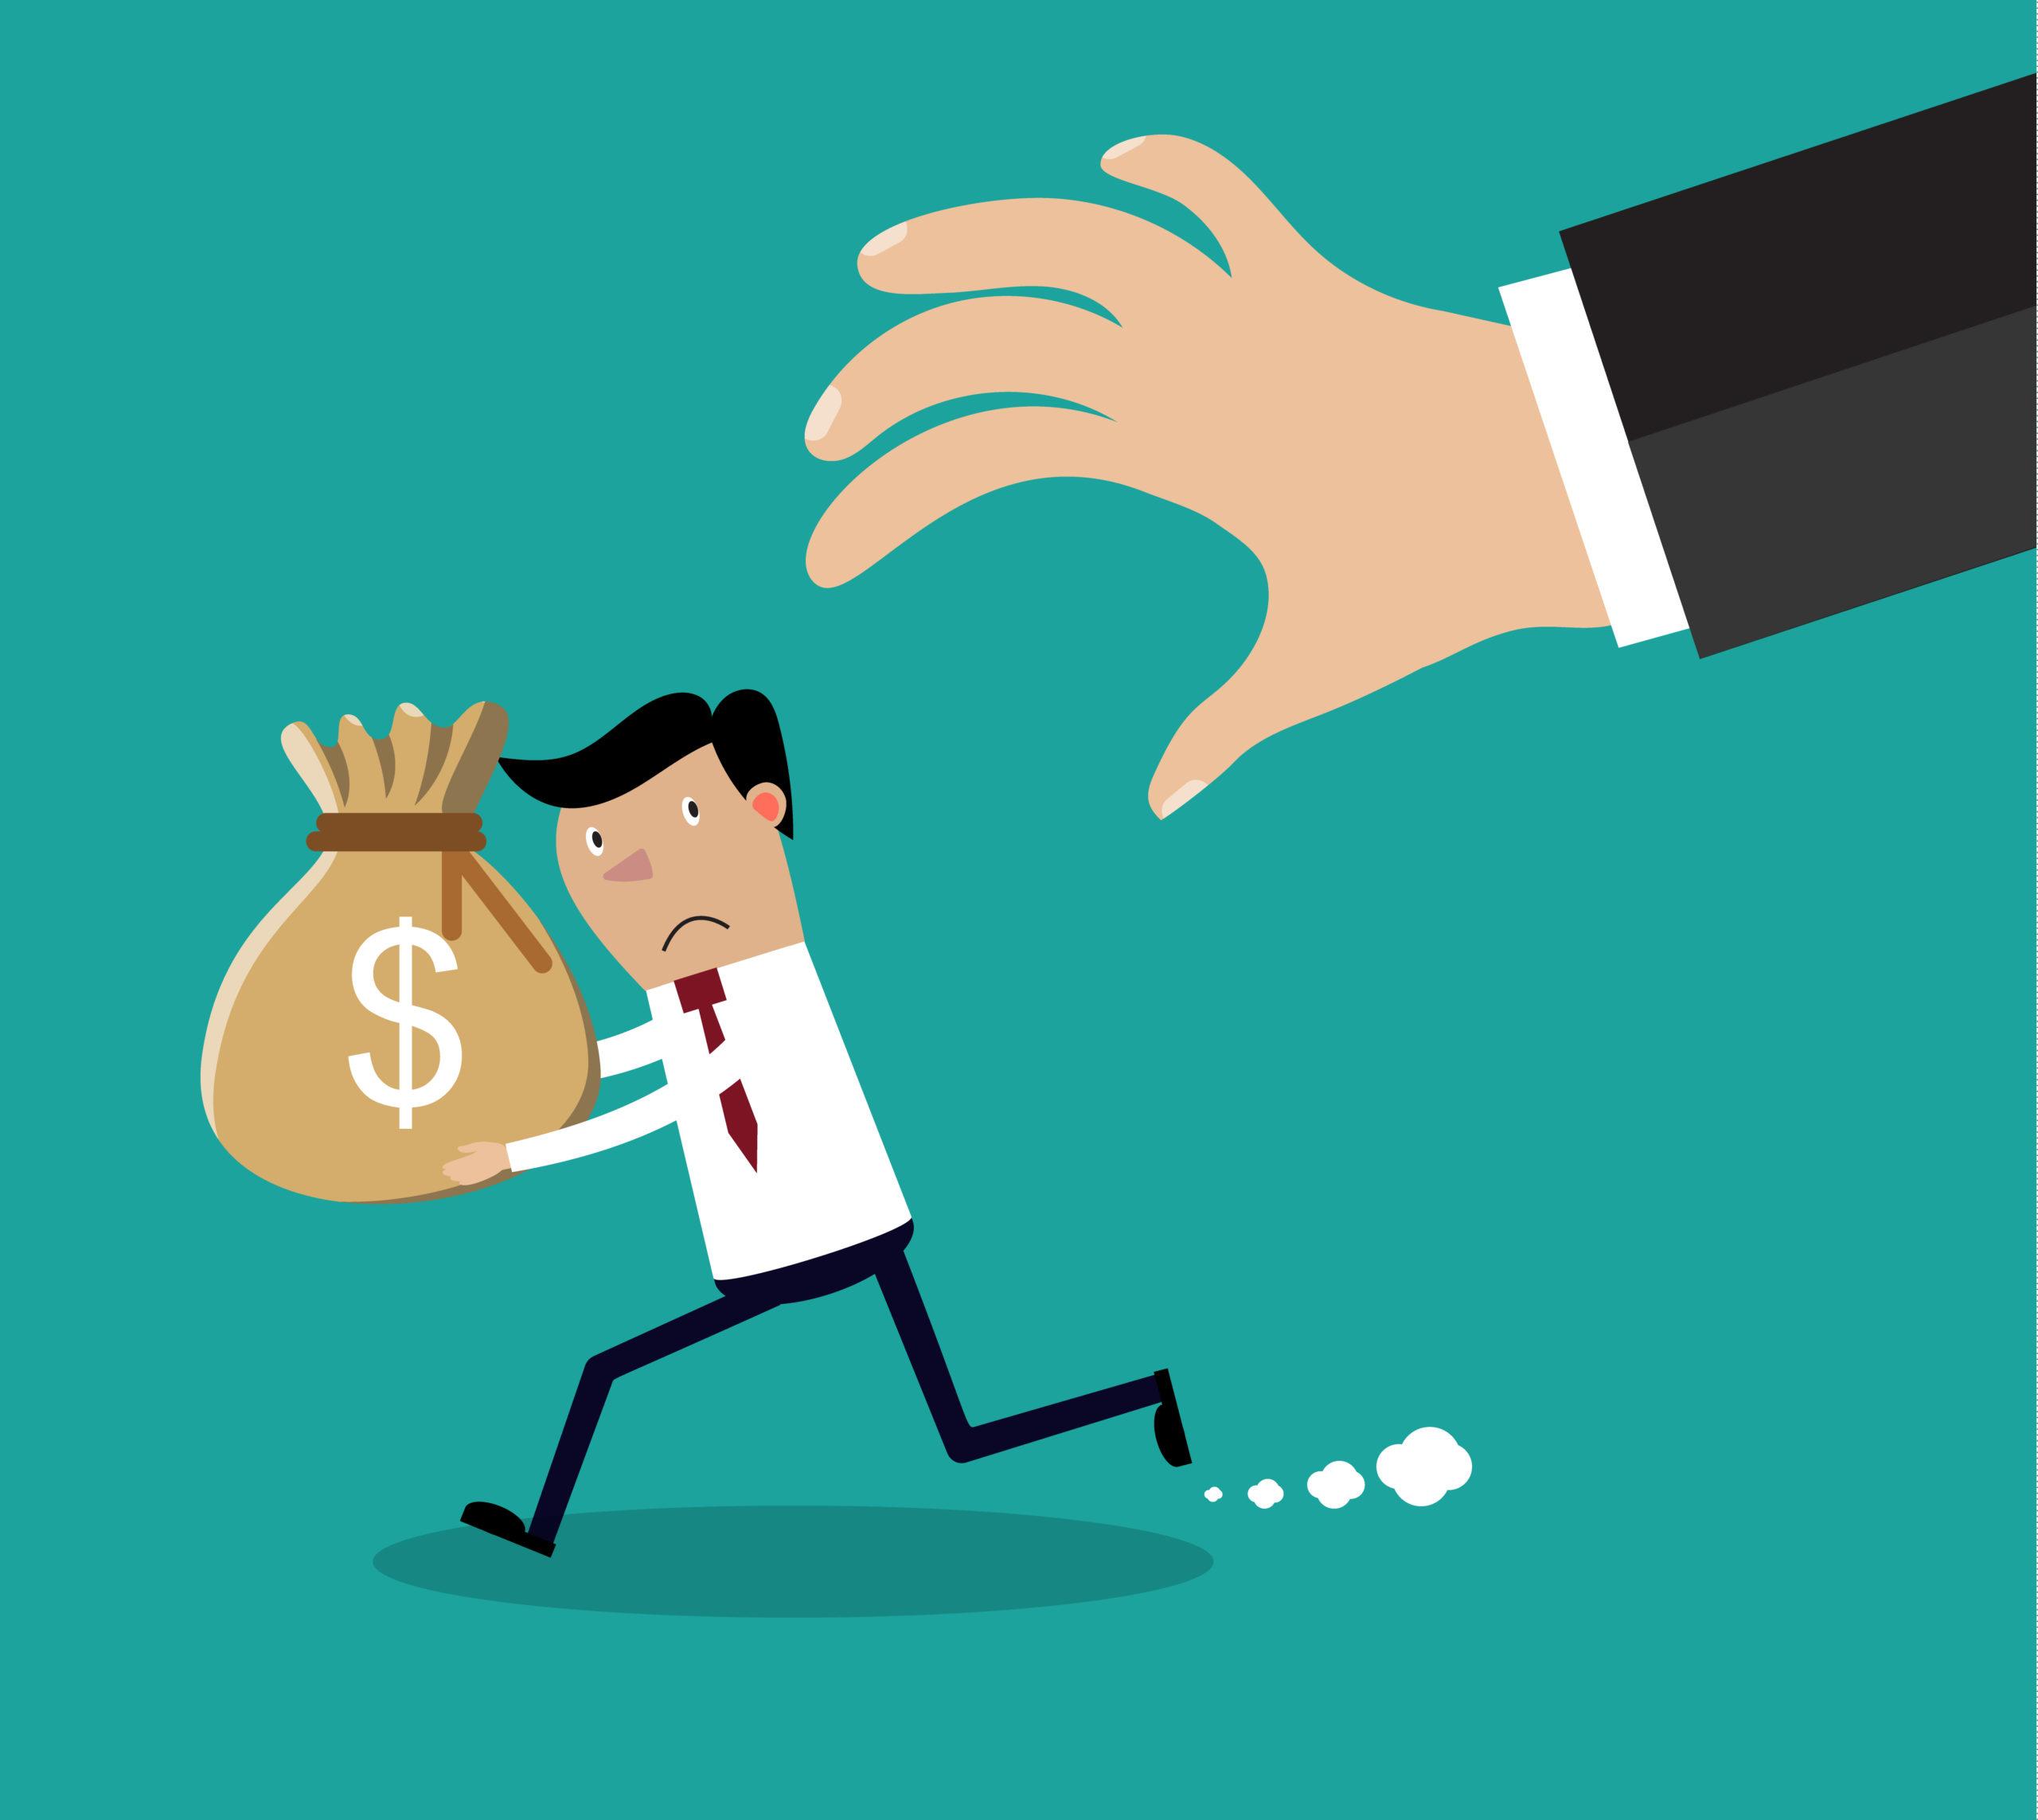 仮想通貨取引における支払調書の税務署提出が義務化!取引にかかる税金の注意点とは?|@DIME アットダイム